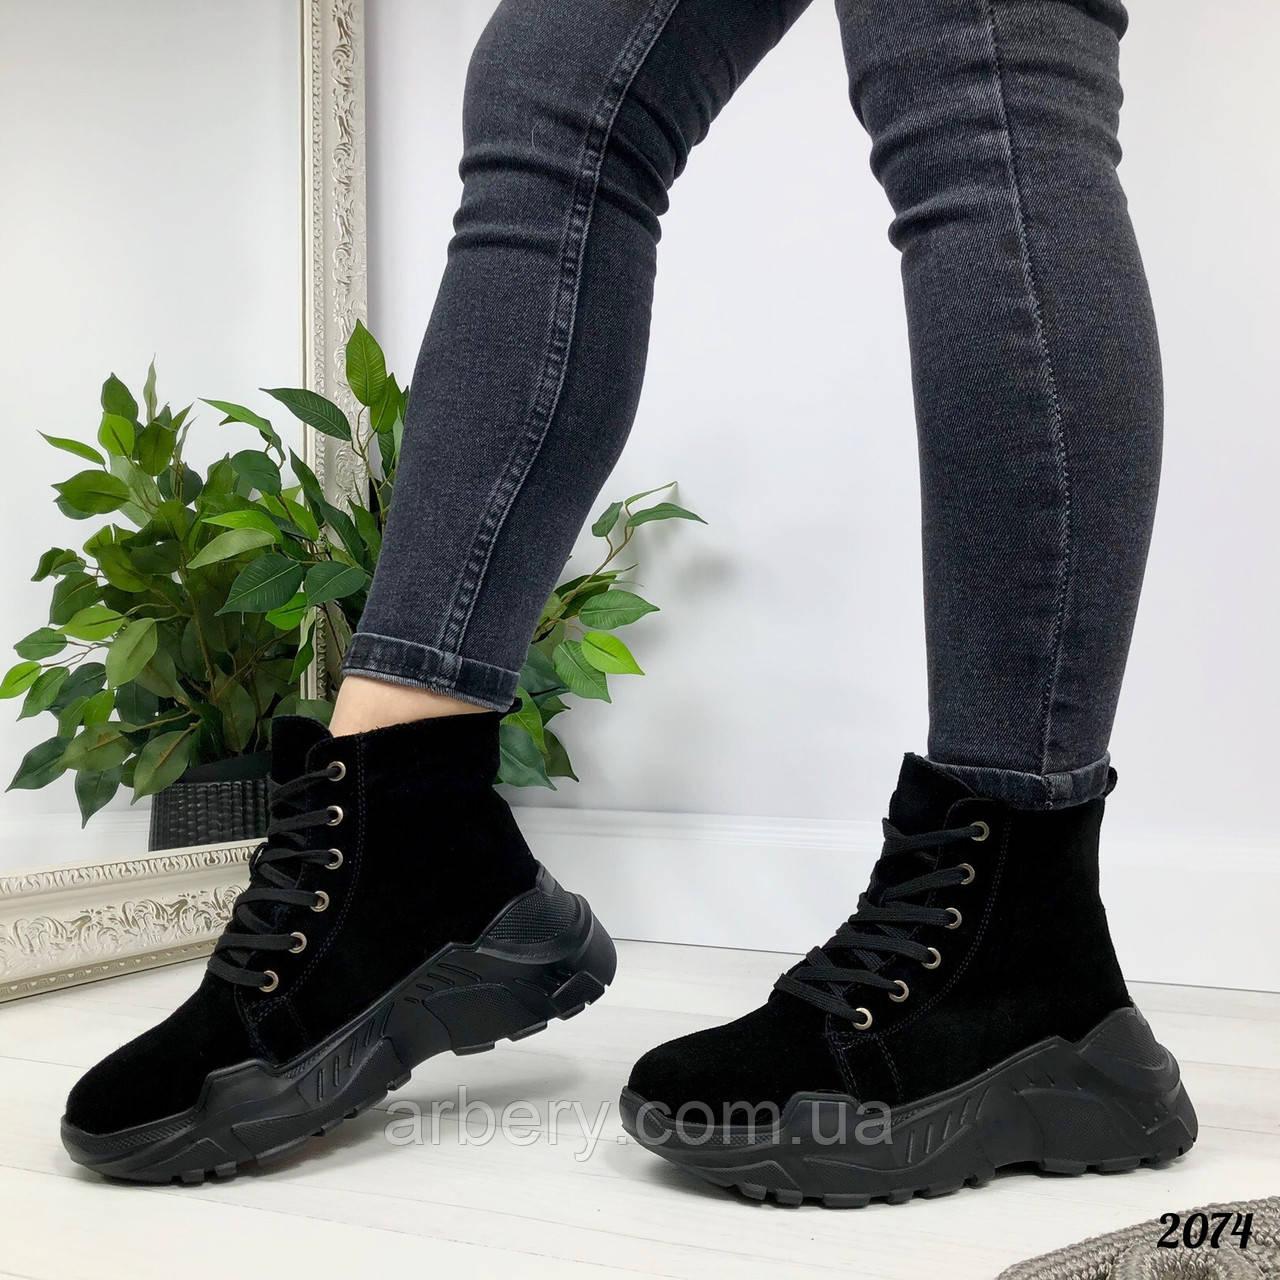 Женские натуральные зимние ботинки